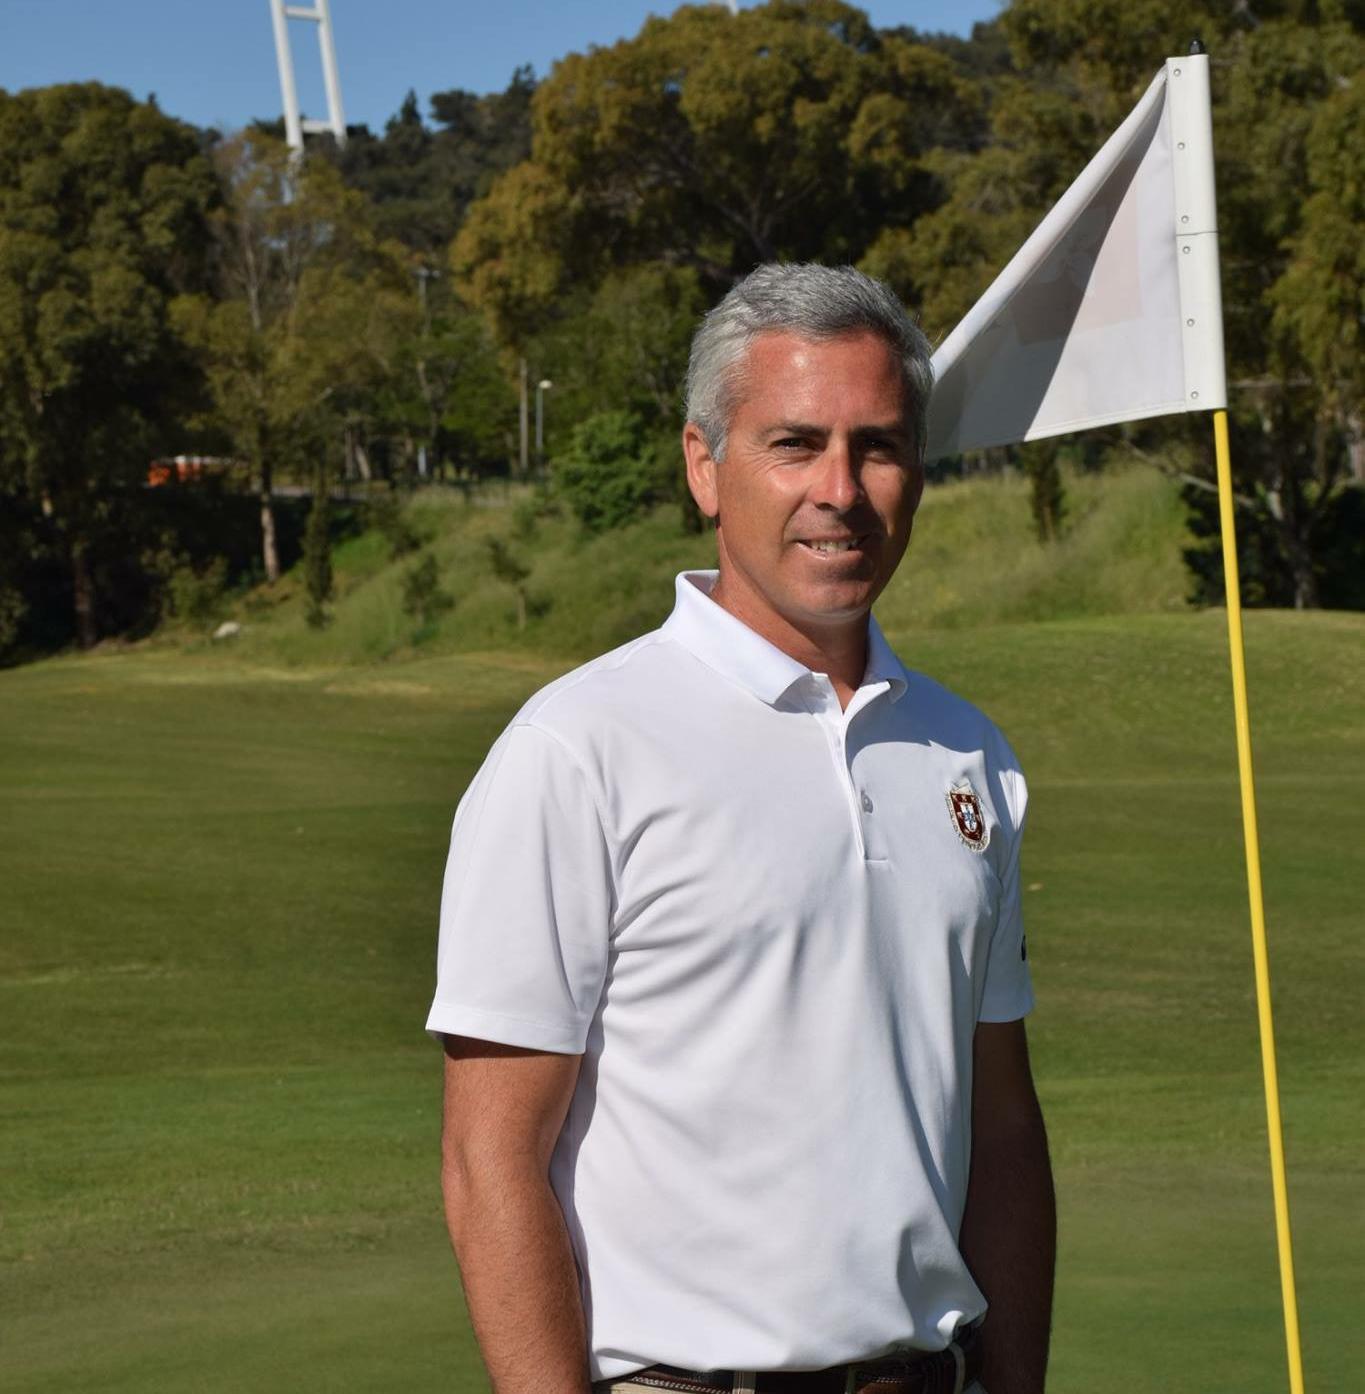 Hugo Pinto novo Director do Centro Nacional de Formação de Golfe do Jamor